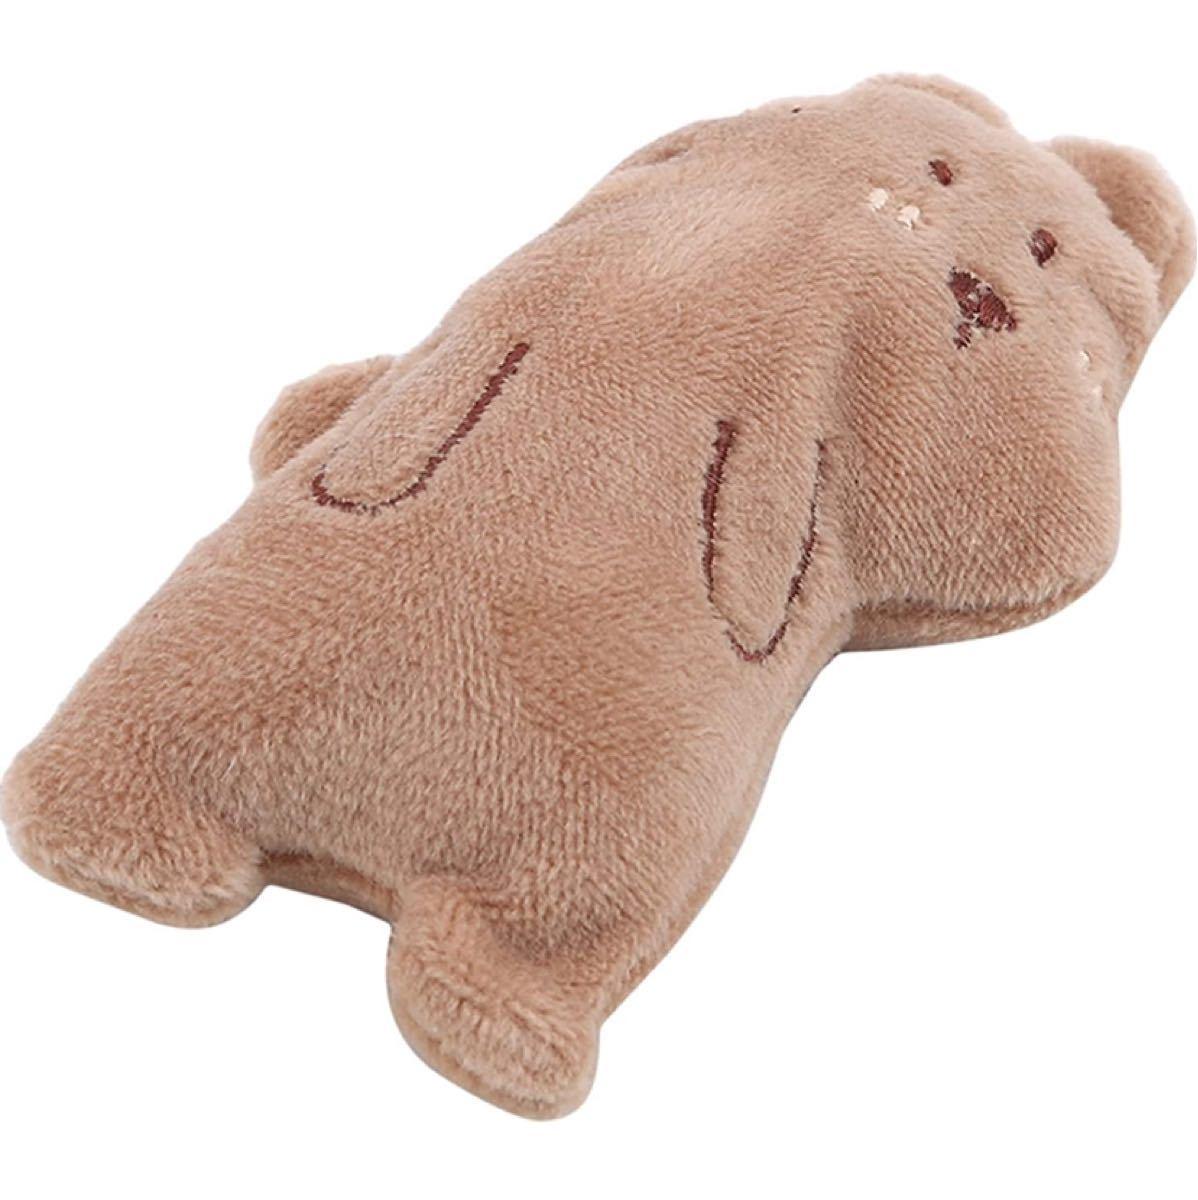 ペットの猫のおもちゃかわいいペットのぬいぐるみペット用品 ヒグマ